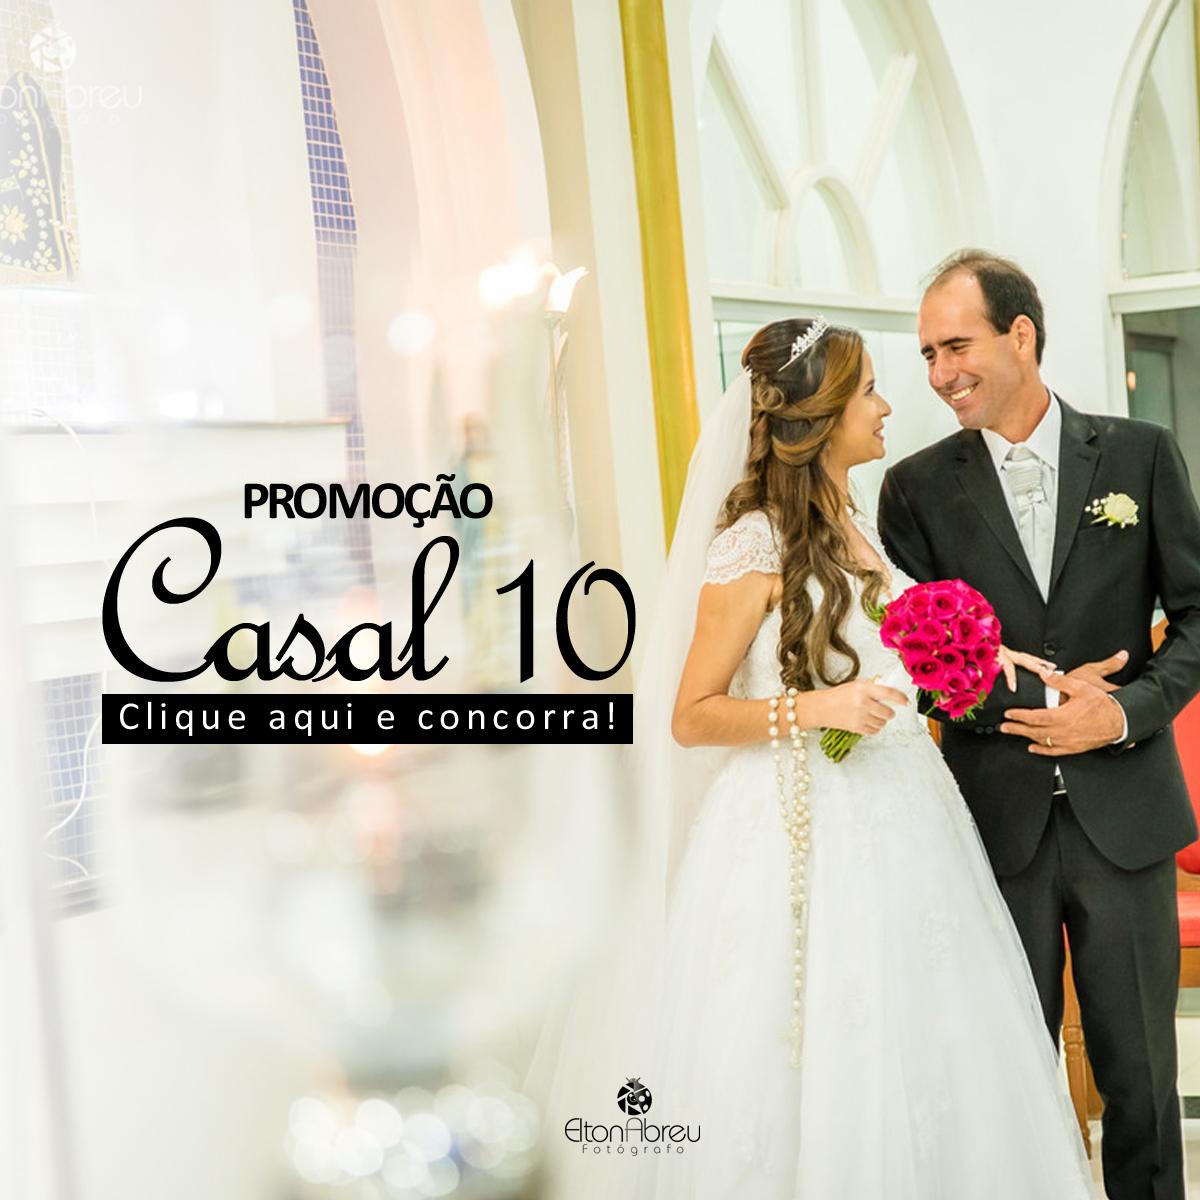 Imagem capa - PROMOÇÃO CASAL 10 por Elton Abreu Araujo Sampaio